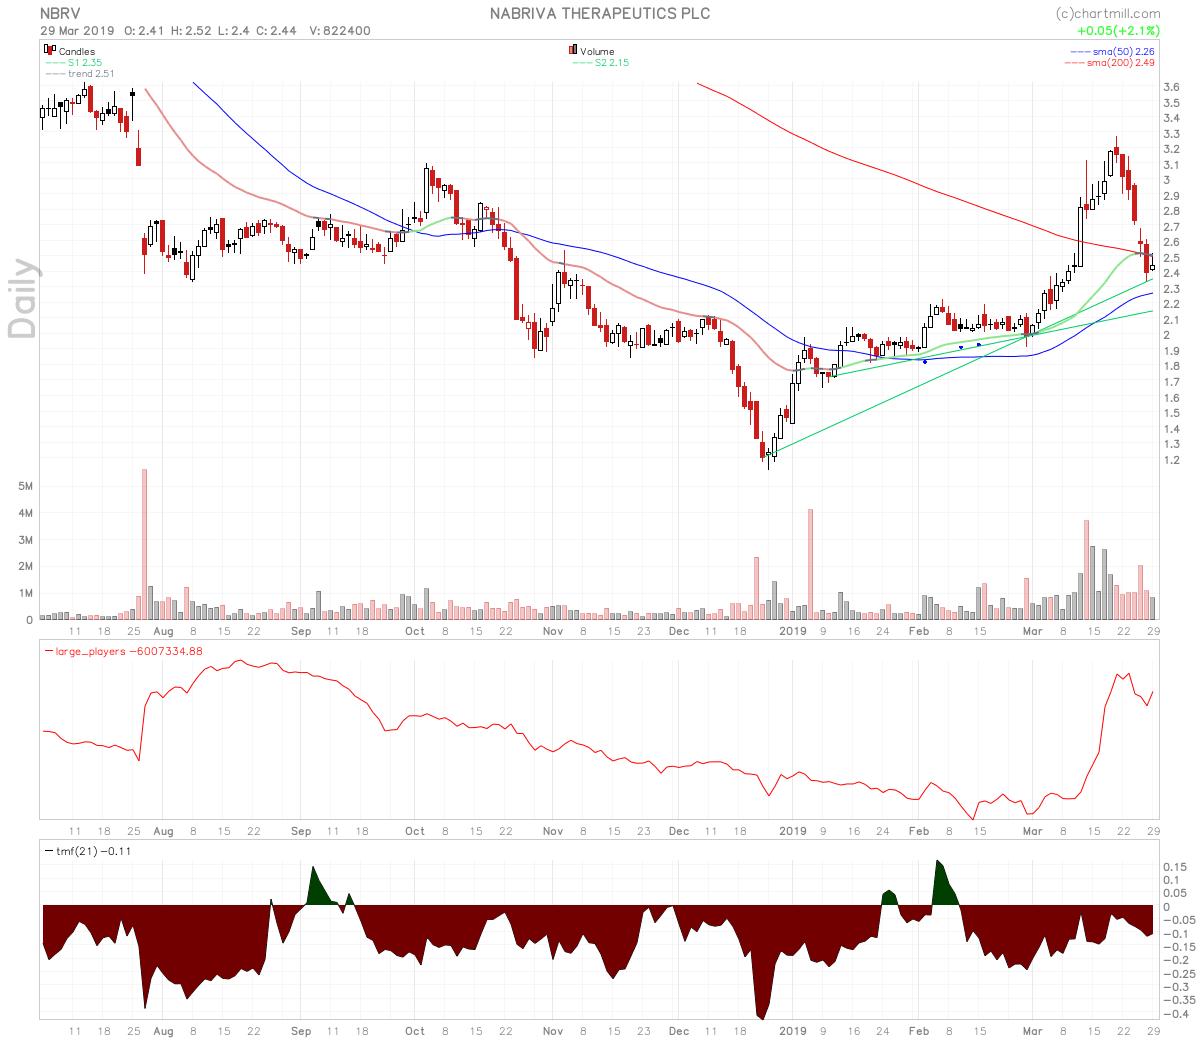 Biotech Stocks To Watch: $AMAG $HRTX $NBRV